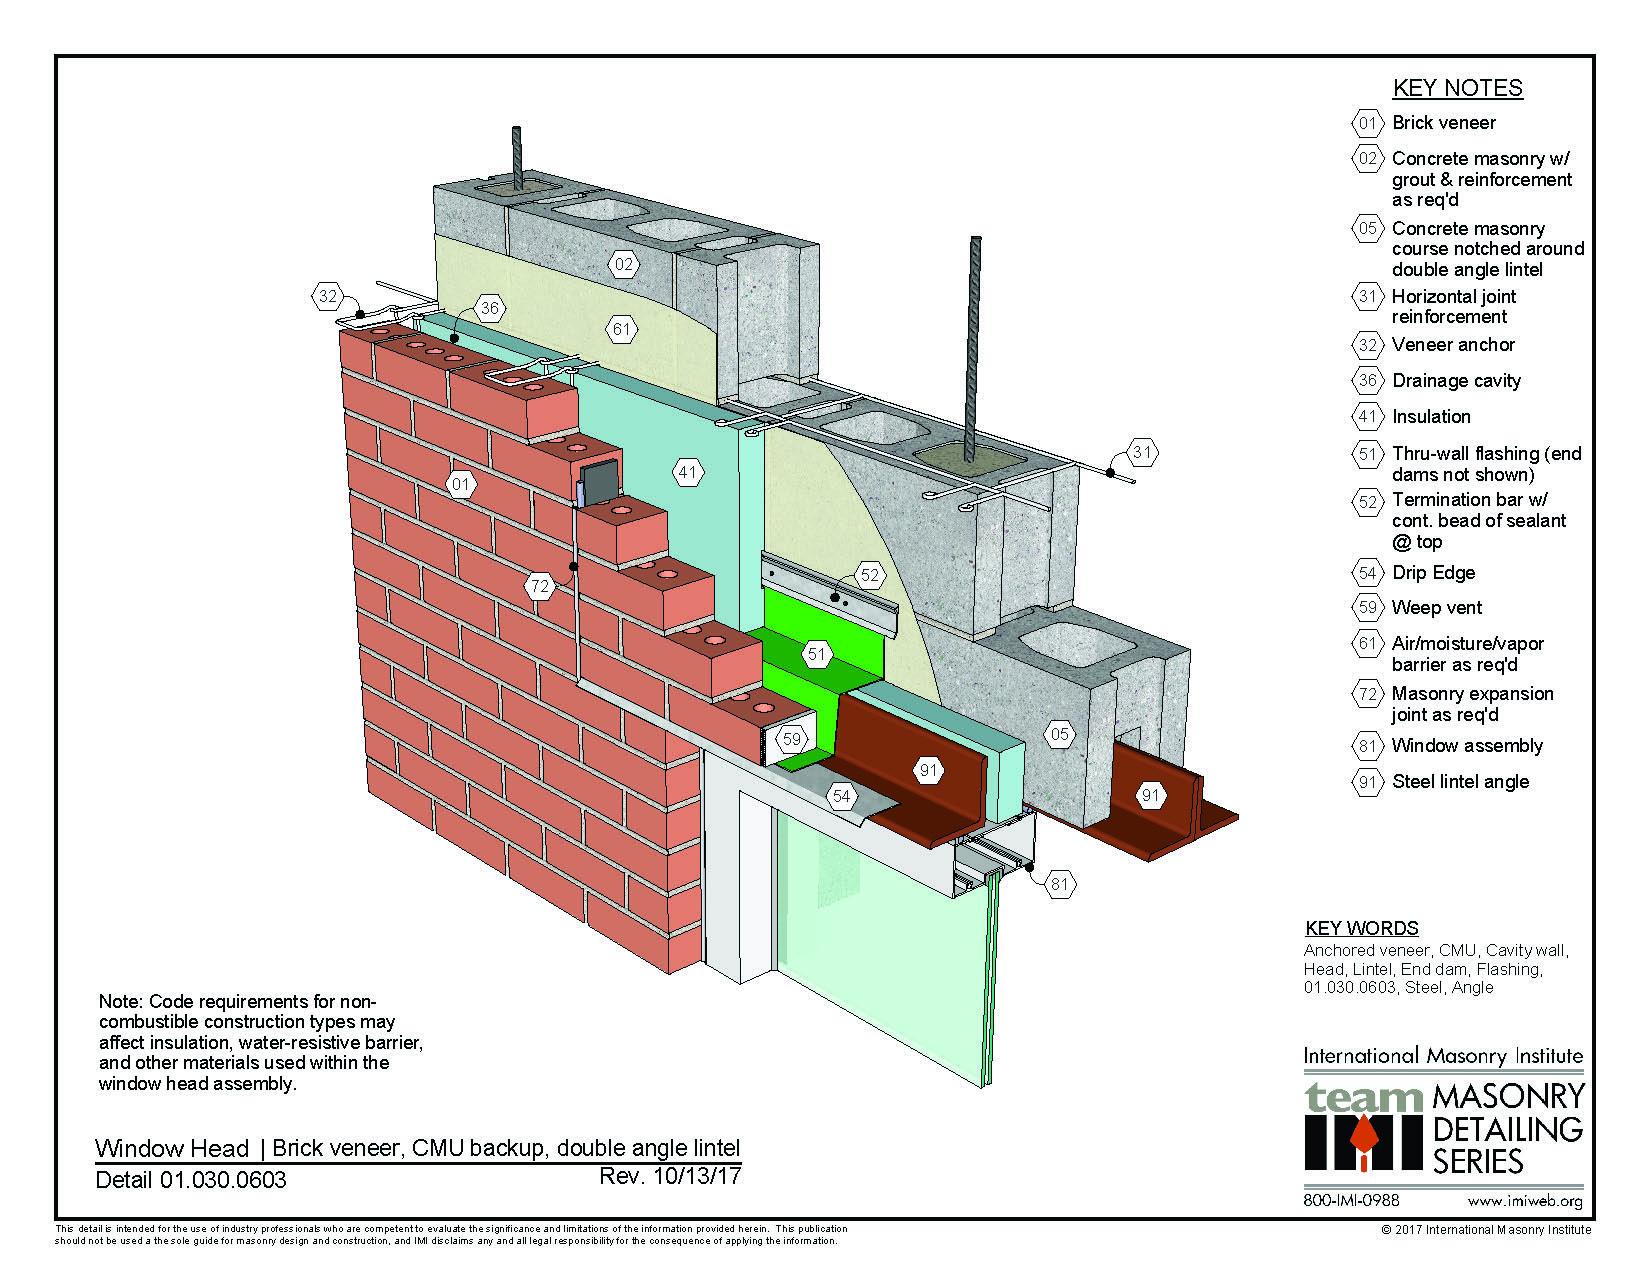 01 030 0603 Window Head Detail Brick Veneer Cmu Backup